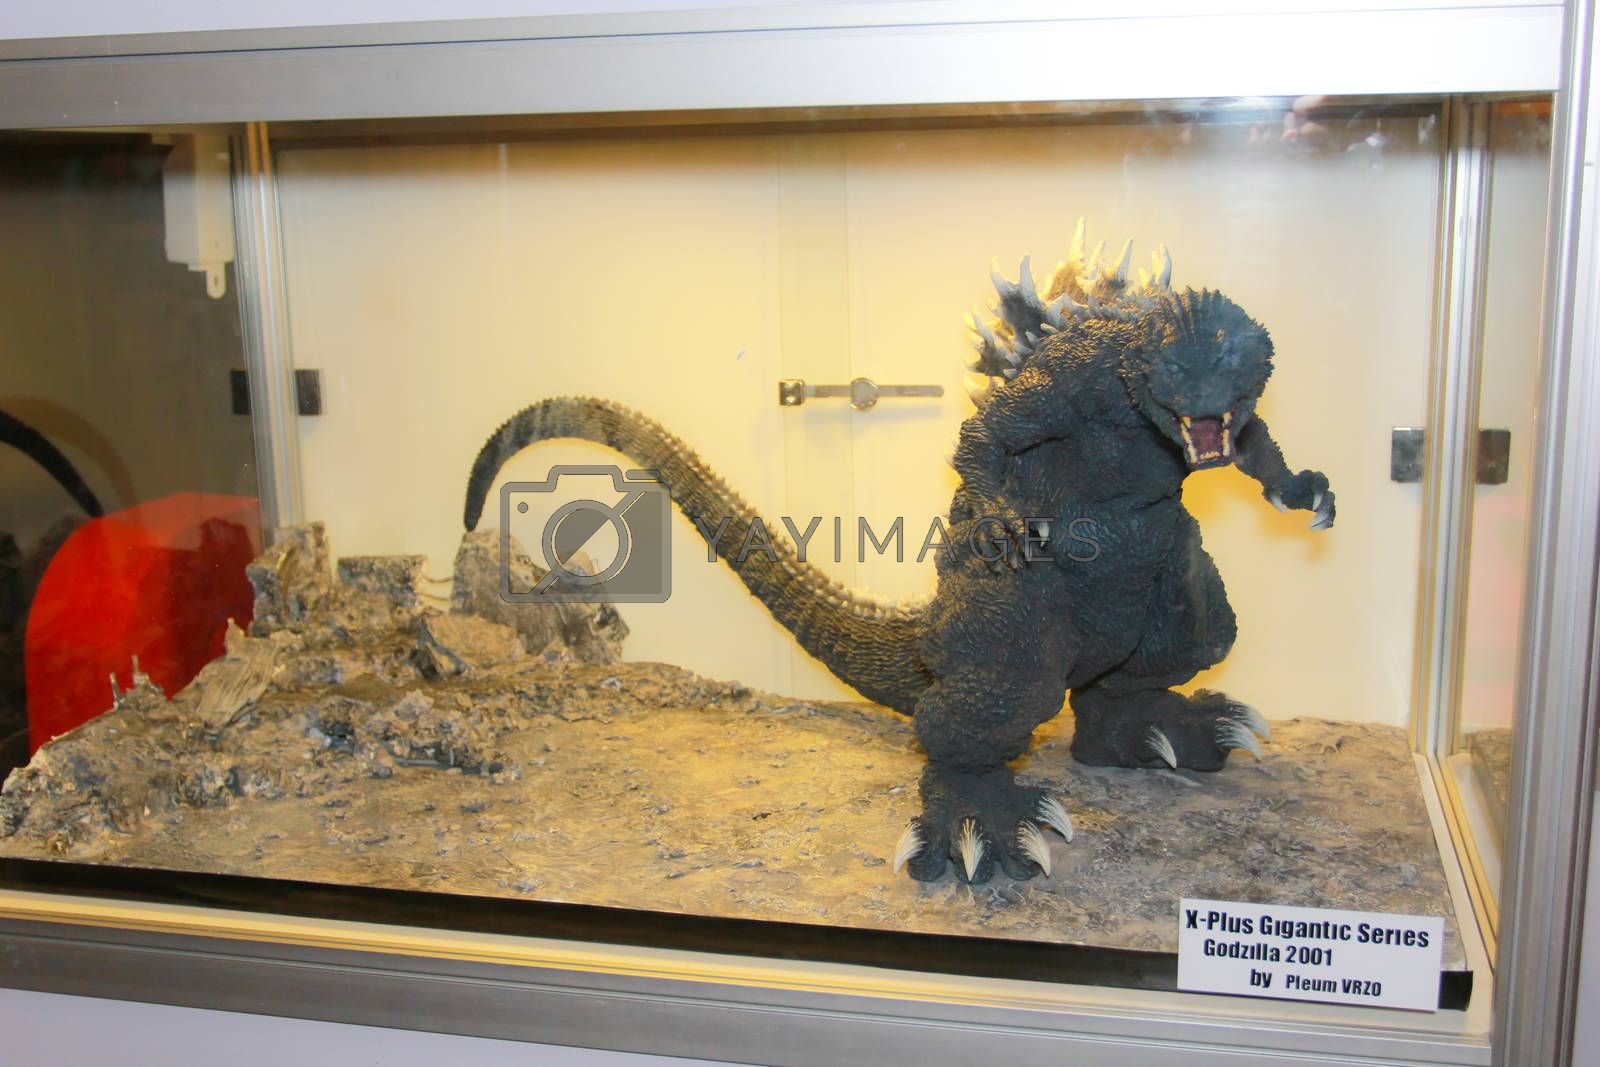 BANGKOK - MAY. 11: A Godzilla model in Thailand Comic Con 2014 on May 11, 2014 at Siam Paragon, Bangkok, Thailand.